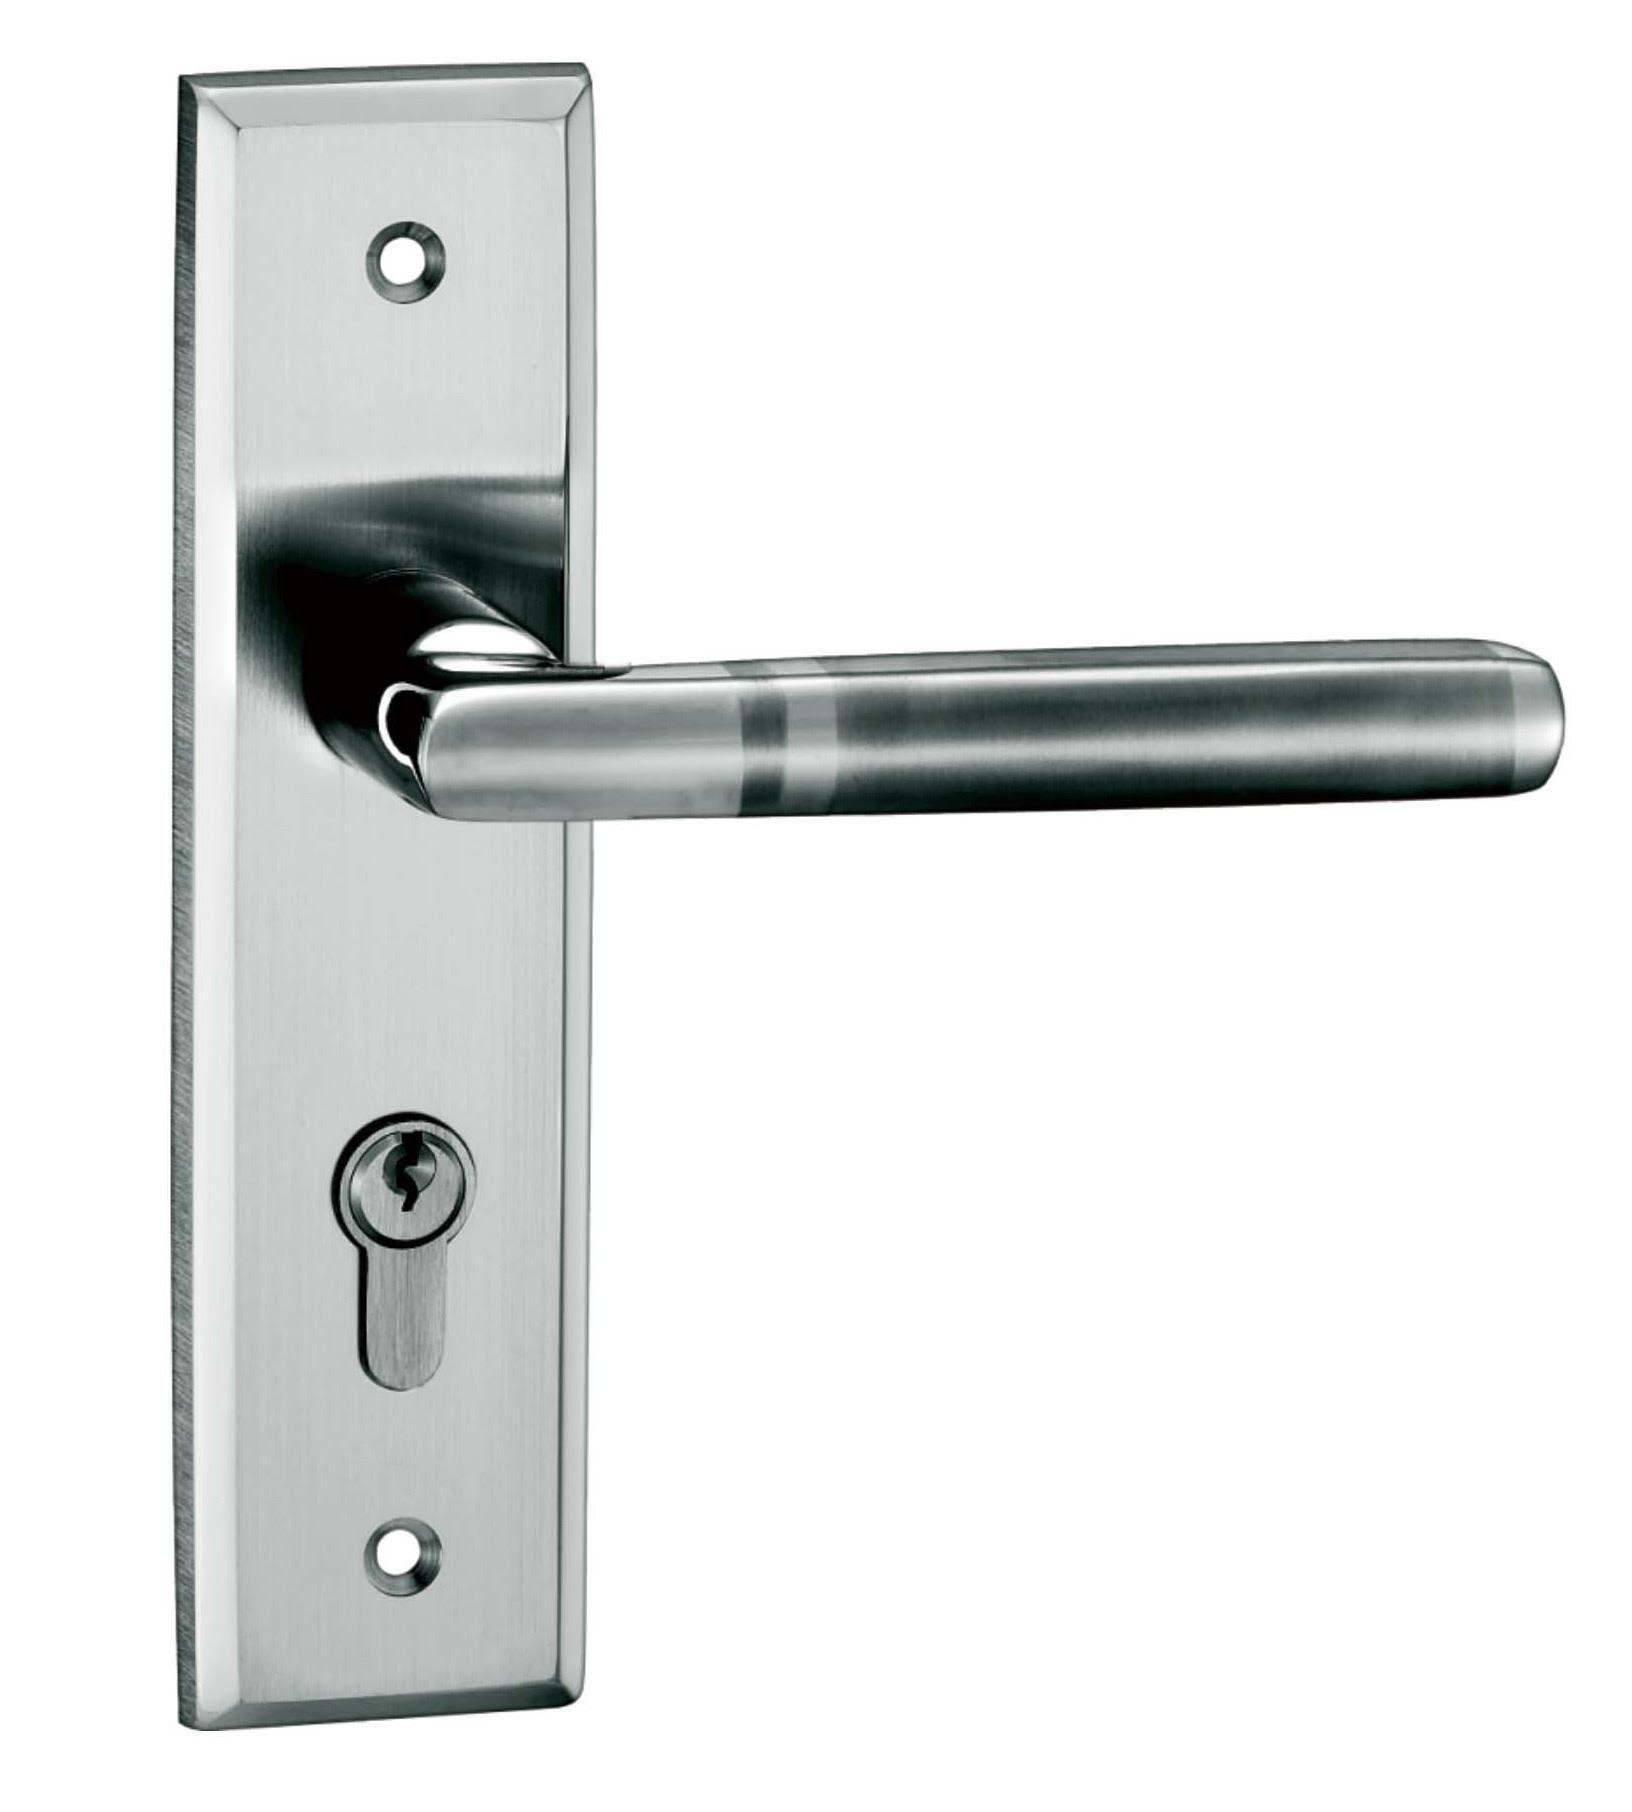 Stainless steel door lock - Wholesale Stainless steel door ...